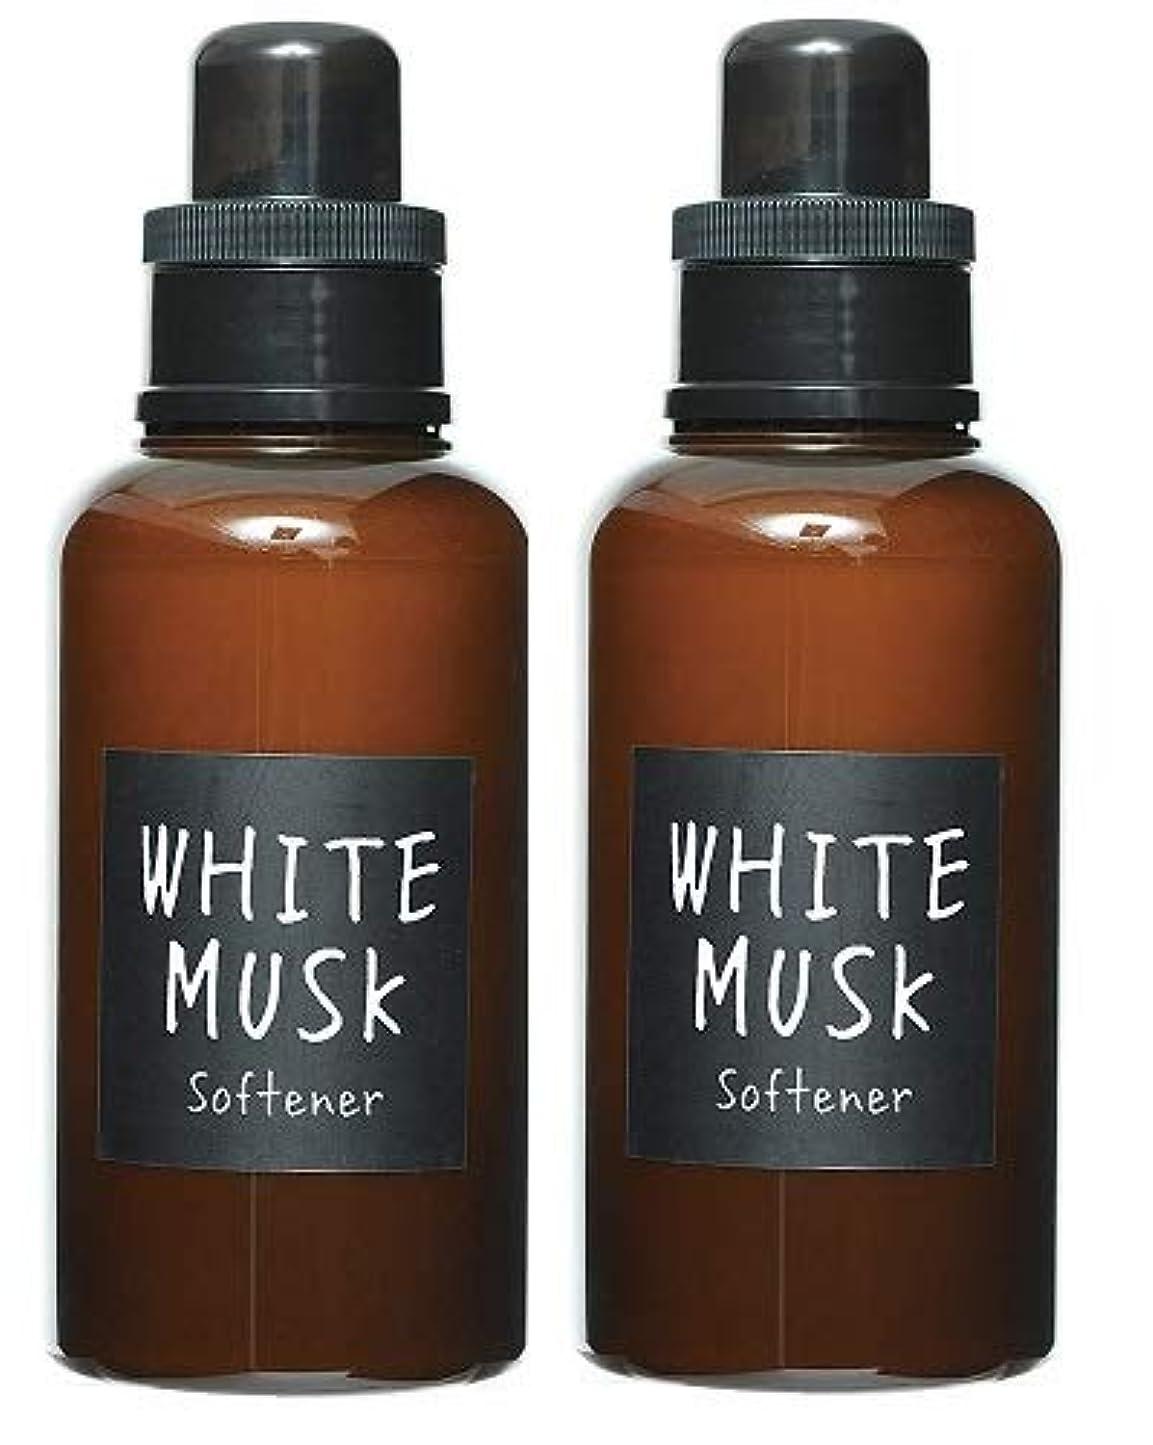 自体肯定的導出【2個セット】ジョンズブレンド 柔軟剤 ソフナー 510ml ホワイトムスクの香り OA-JON-15-1【2個セット】